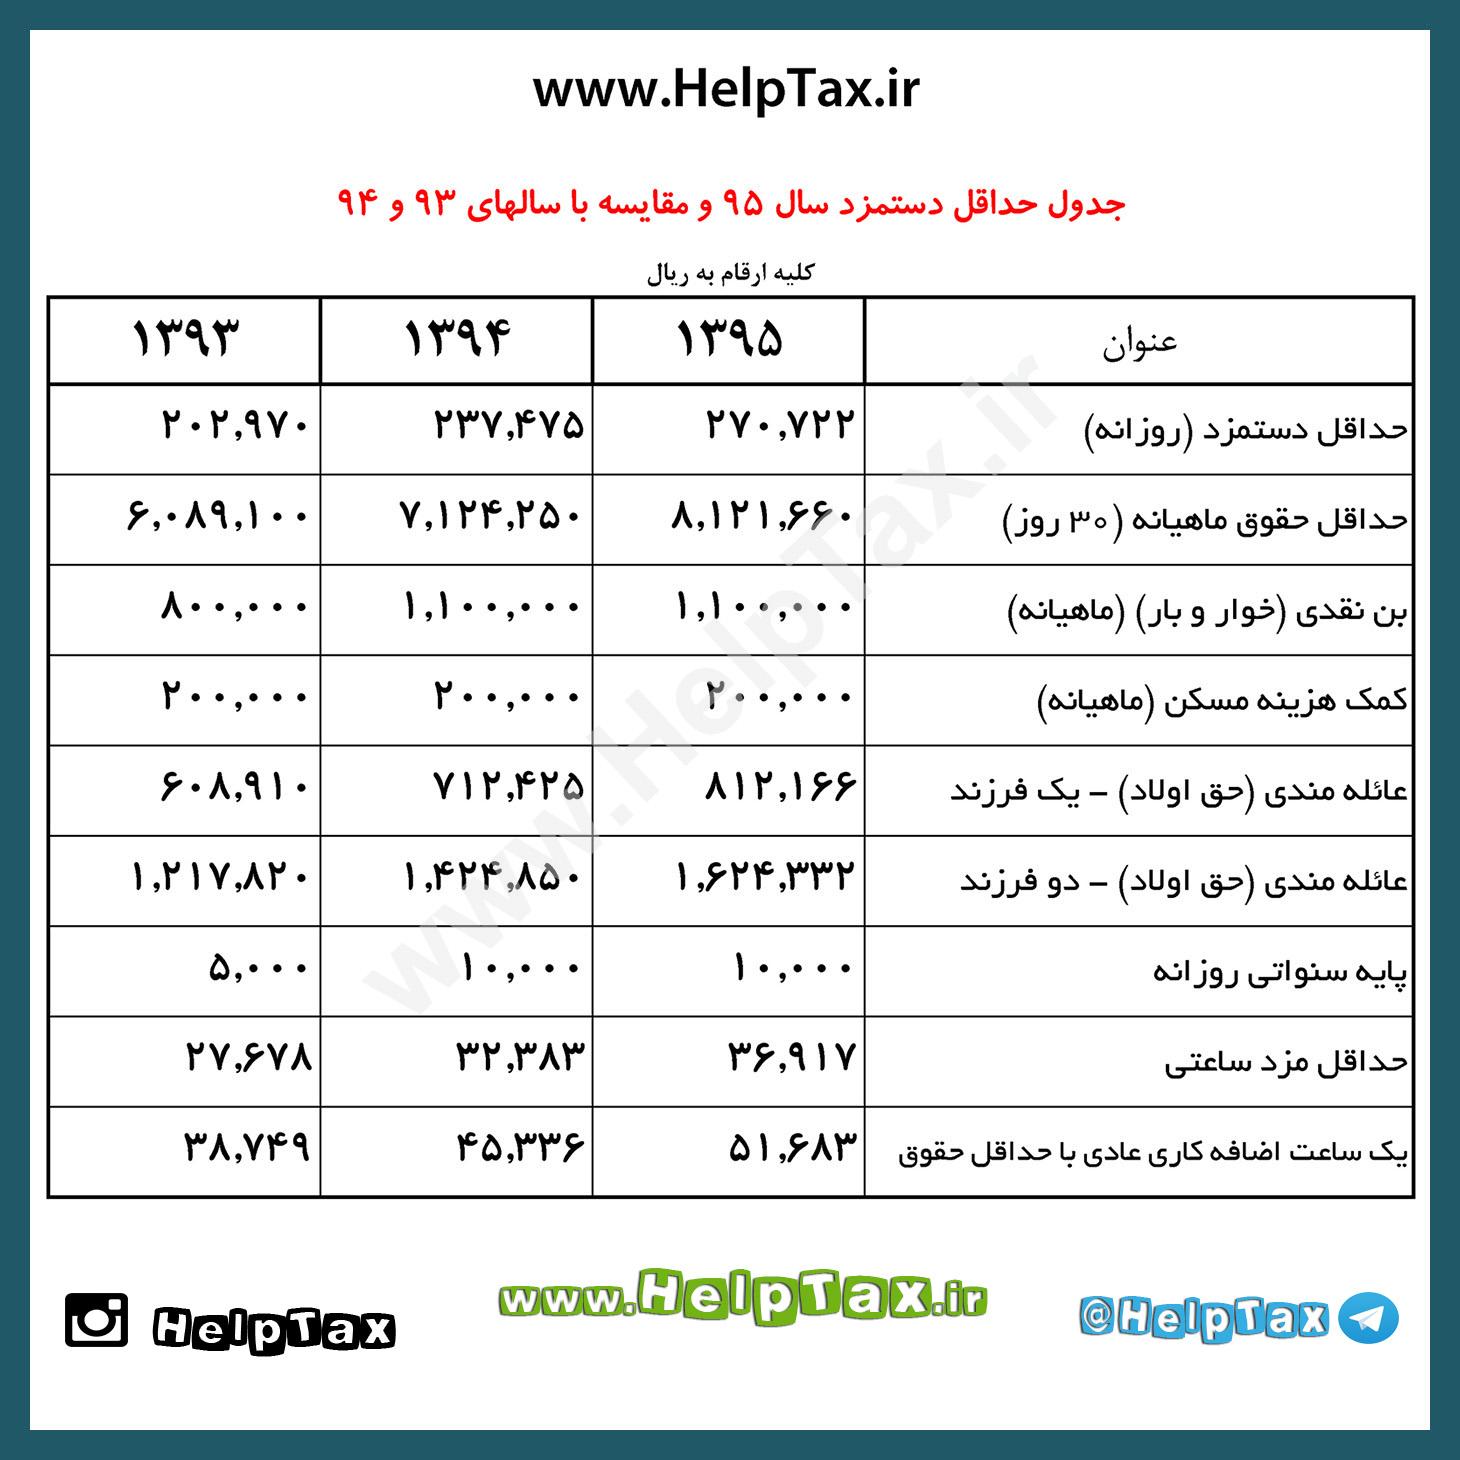 حقوق و دستمزد 1395